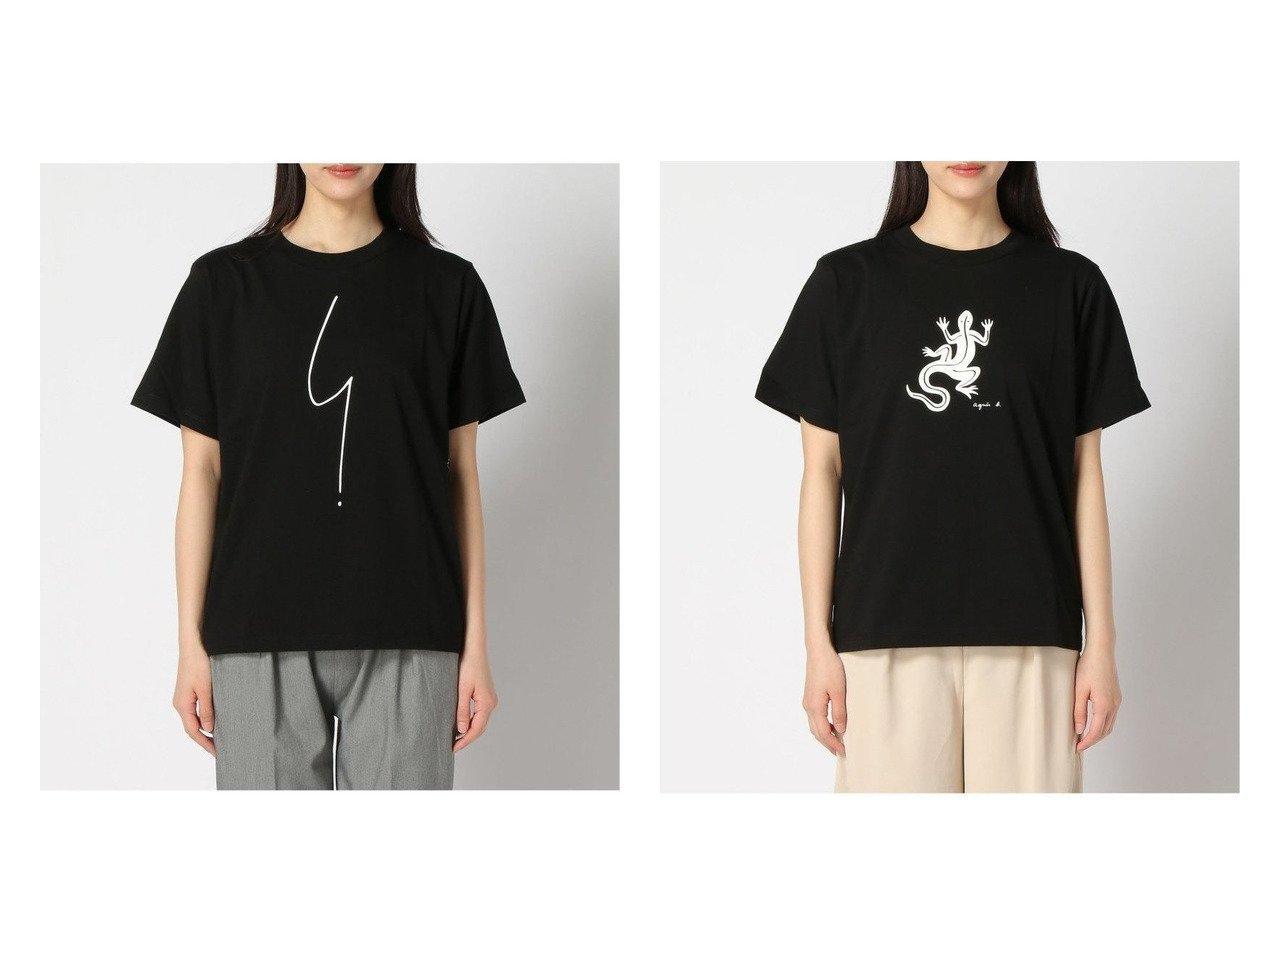 【agnes b. FEMME/アニエスベー ファム】のagnes b.SE30 Tシャツ&agnes b.SF64 Tシャツ おすすめ!人気、トレンド・レディースファッションの通販 おすすめで人気の流行・トレンド、ファッションの通販商品 インテリア・家具・メンズファッション・キッズファッション・レディースファッション・服の通販 founy(ファニー) https://founy.com/ ファッション Fashion レディースファッション WOMEN トップス・カットソー Tops/Tshirt シャツ/ブラウス Shirts/Blouses ロング / Tシャツ T-Shirts カットソー Cut and Sewn カットソー フォルム フロント ボトム プリント モチーフ 定番 Standard |ID:crp329100000061953